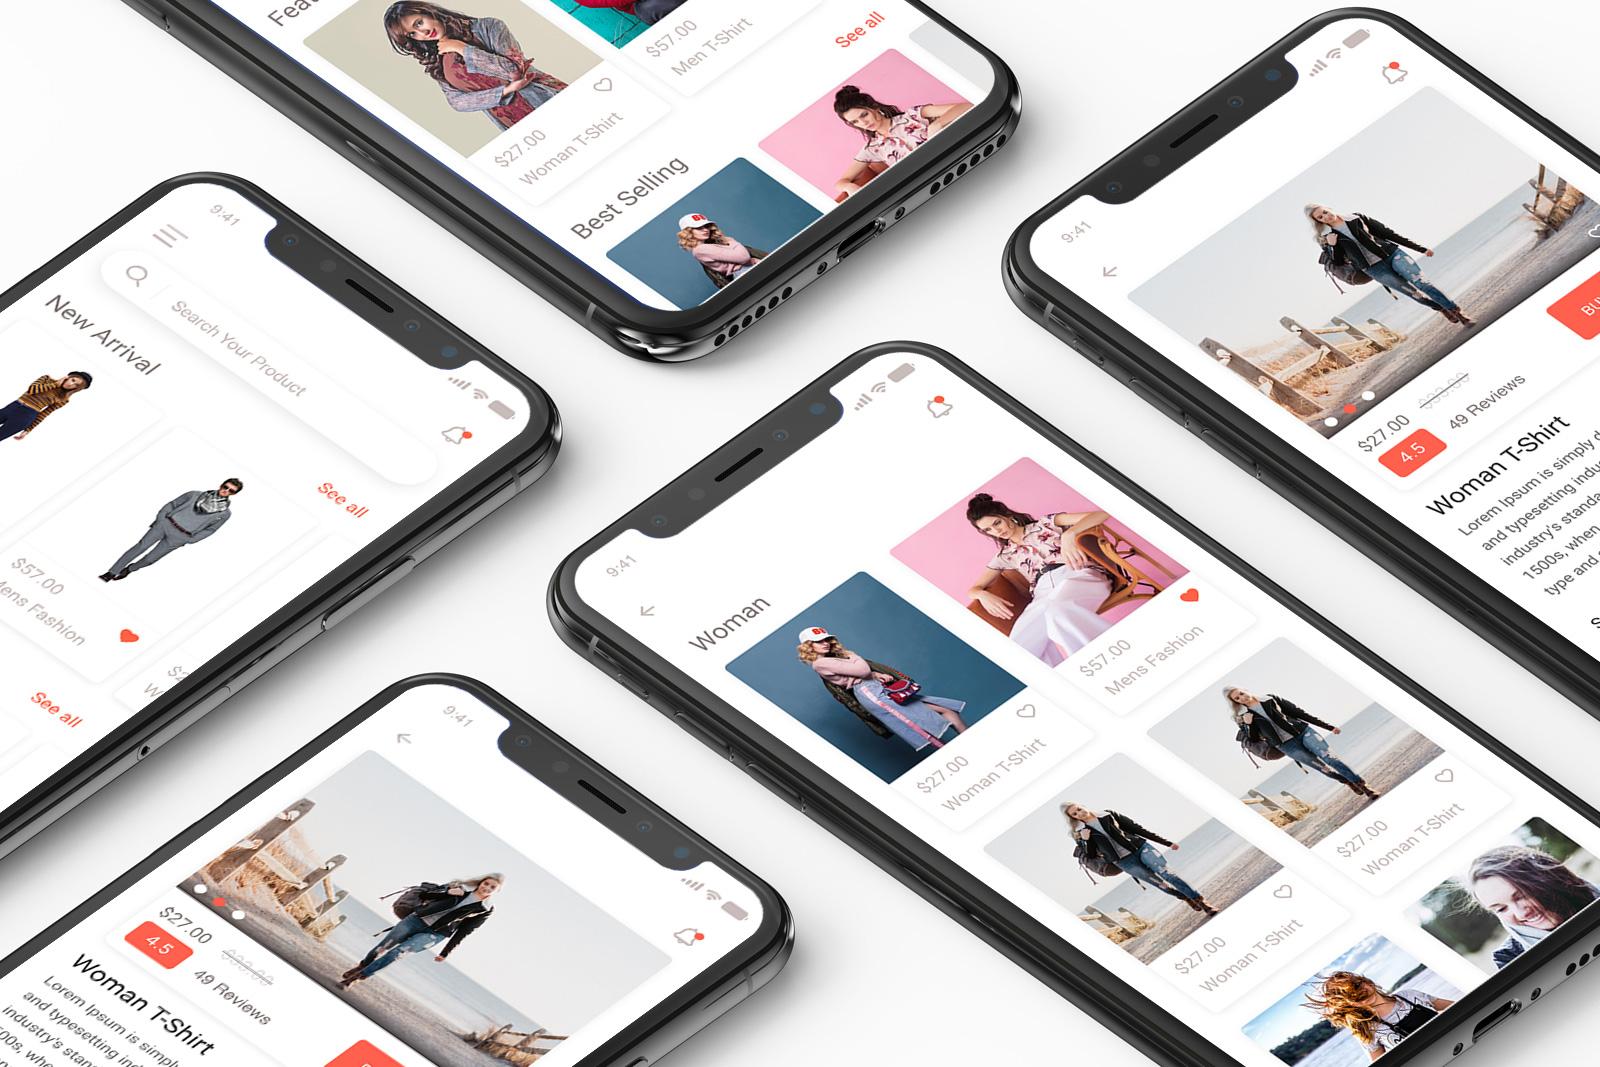 E-commerceappuikit-mock